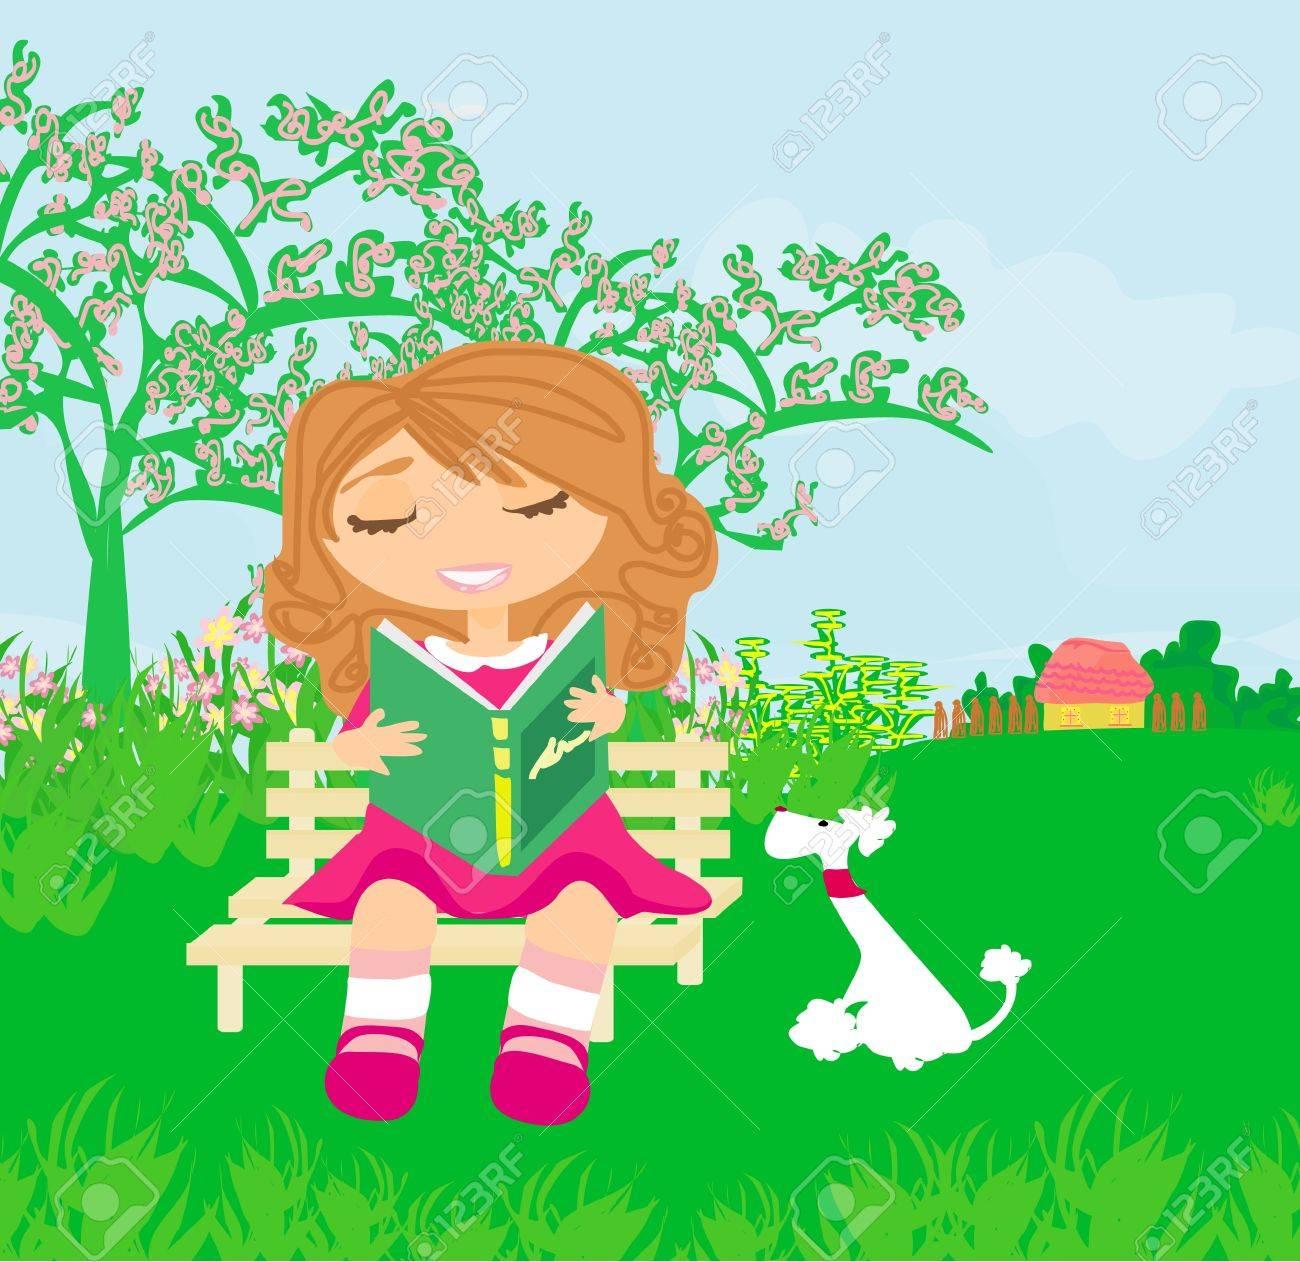 Teen girl Reading A Book Stock Vector - 13728892